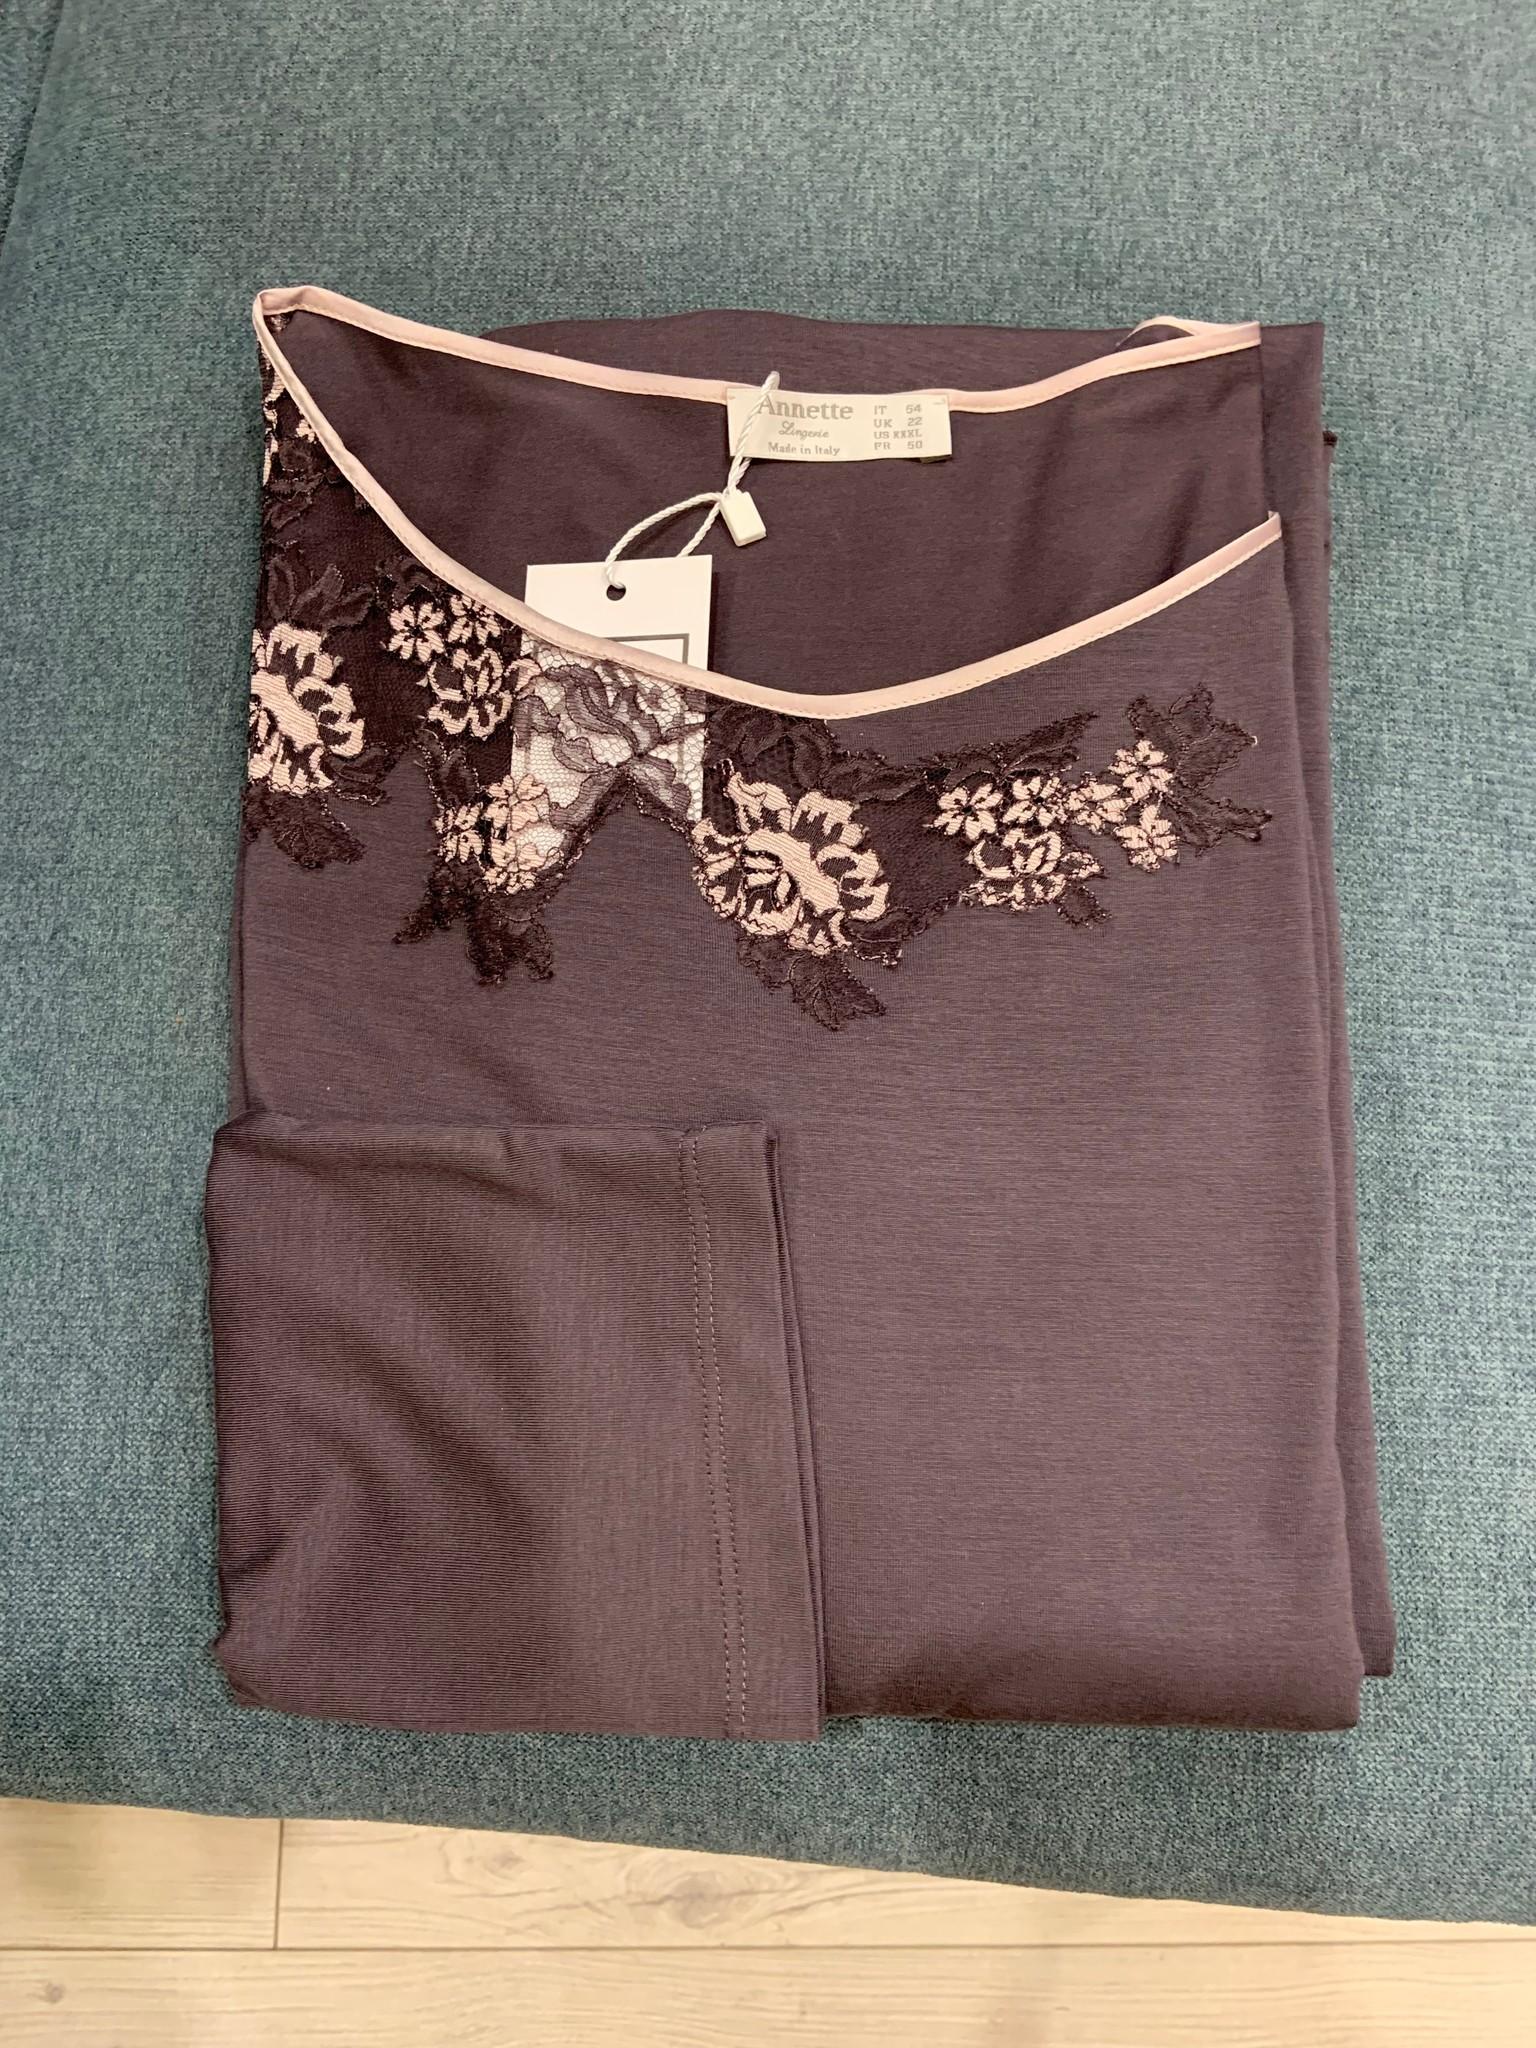 Annette Annette Maglia Long Dress Long Sleeve 2012